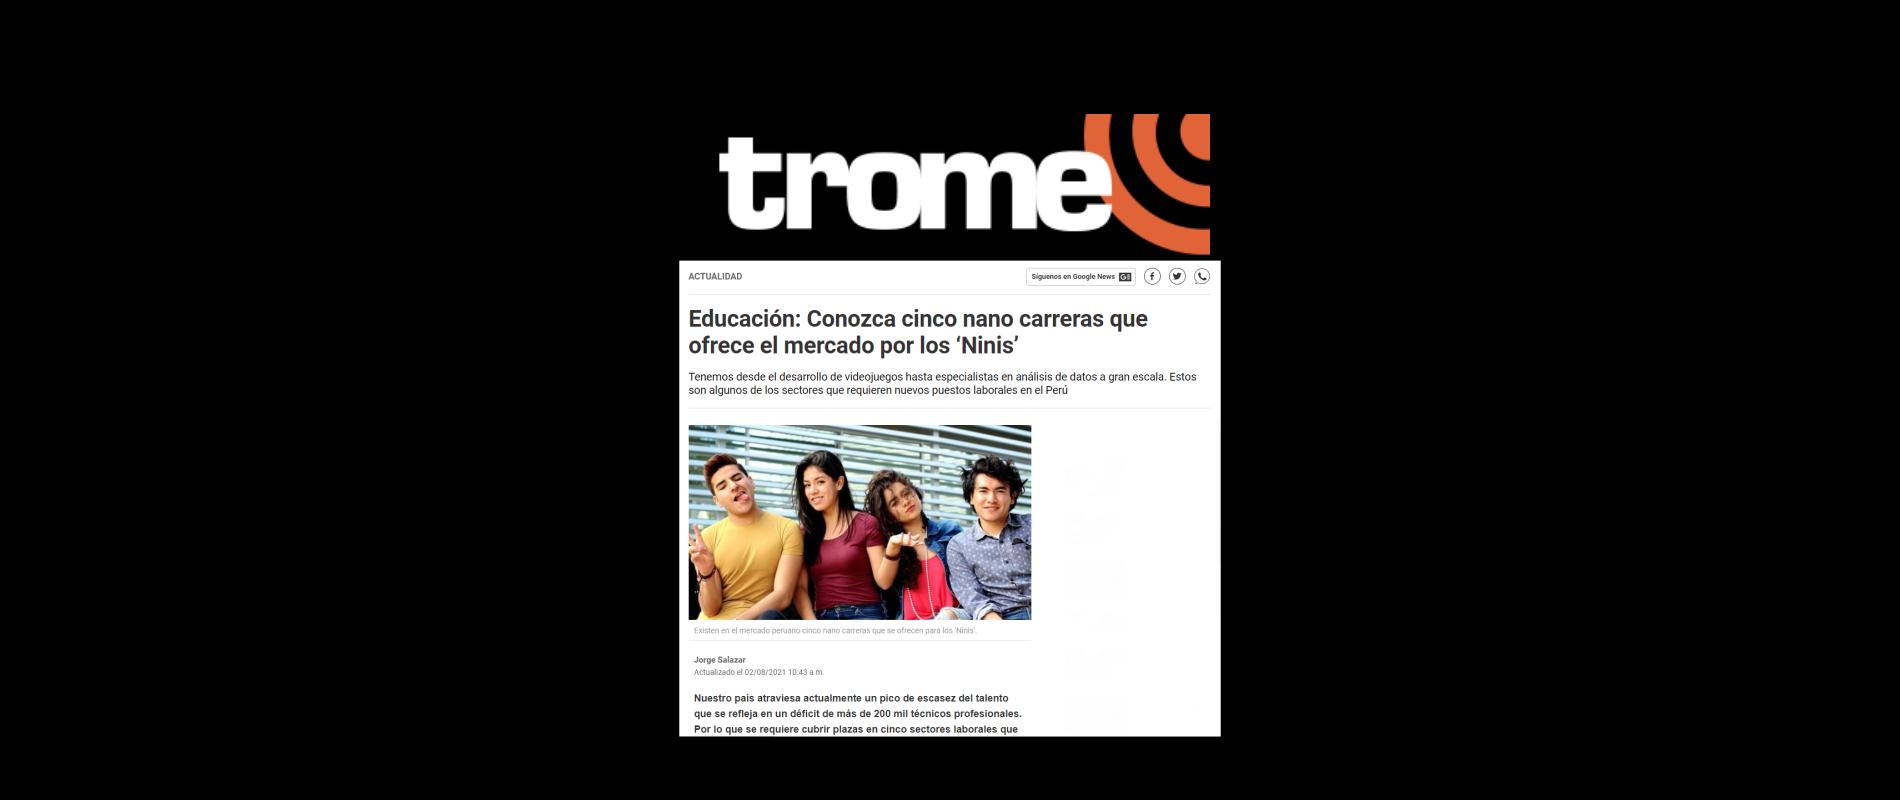 Educación: Conozca cinco nano carreras que ofrece el mercado por los 'Ninis' - Diario TROME